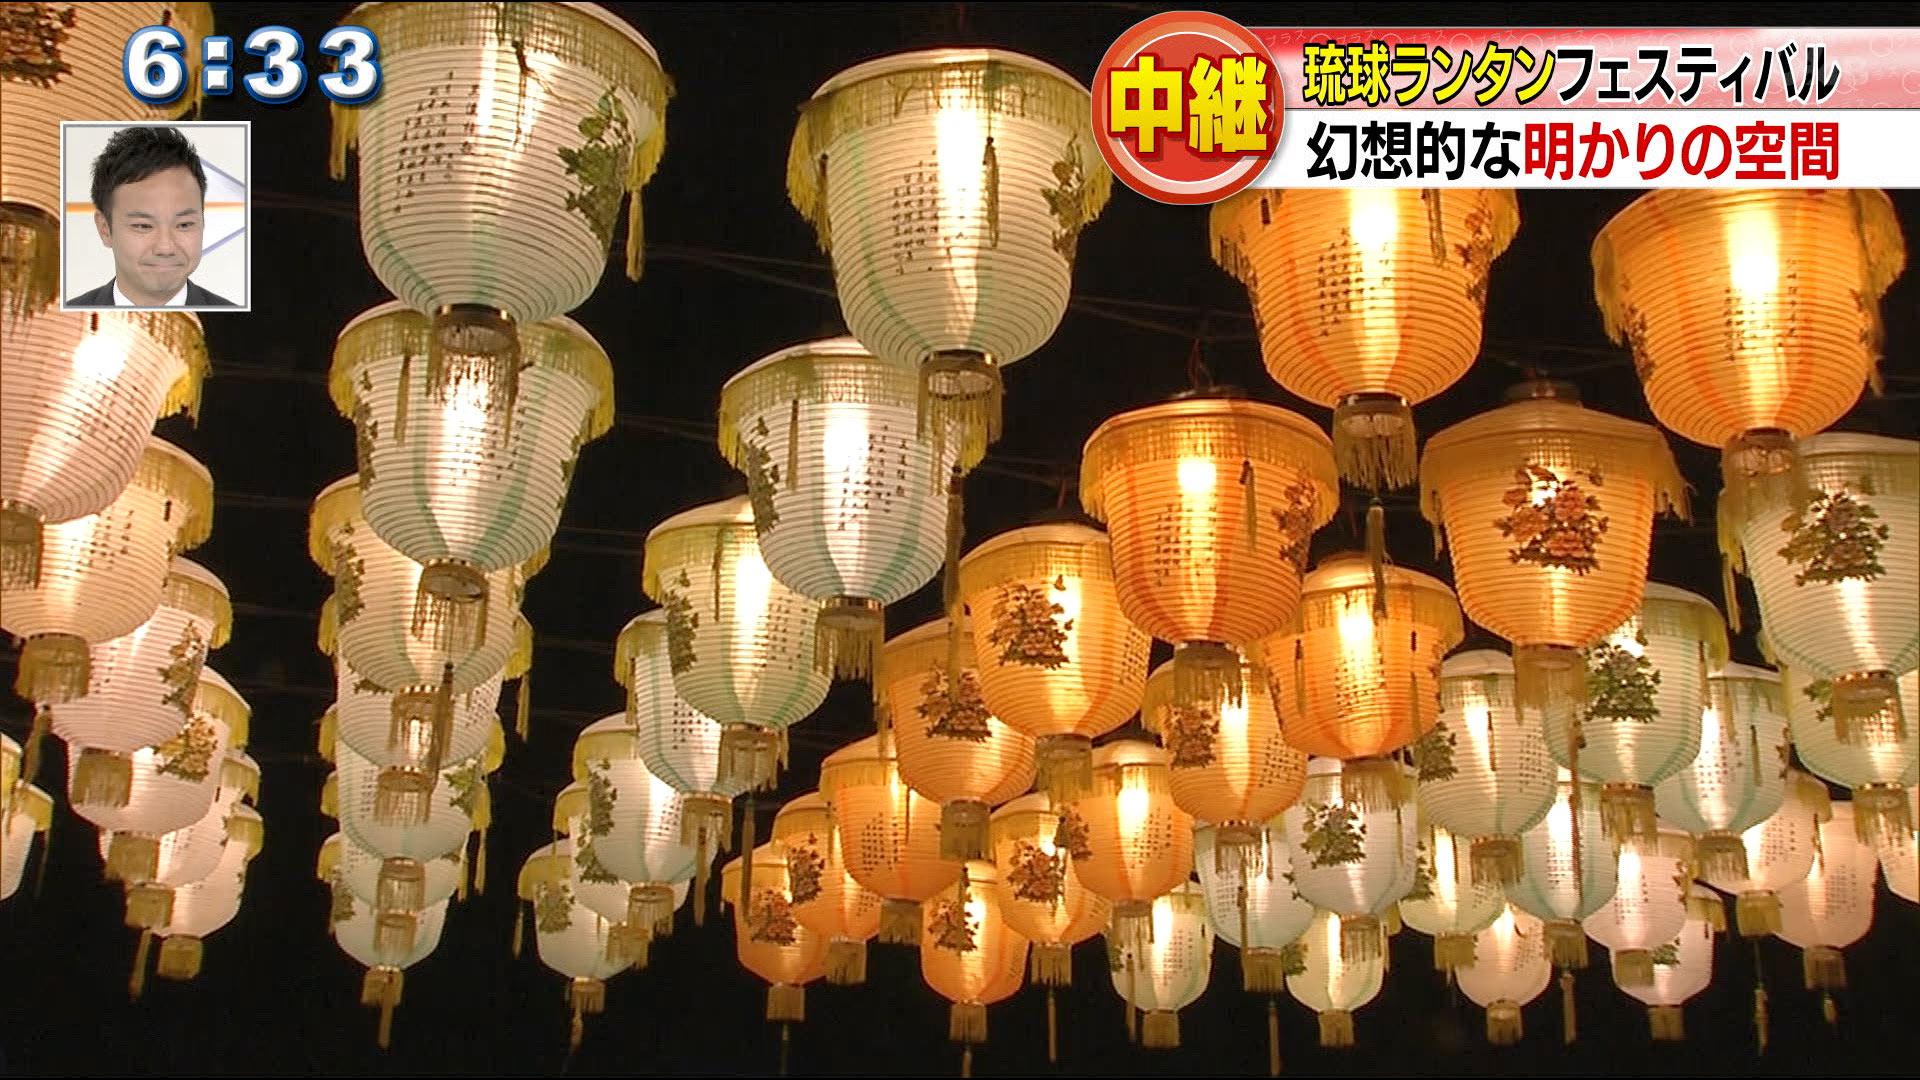 中継「琉球ランタンフェスティバル」